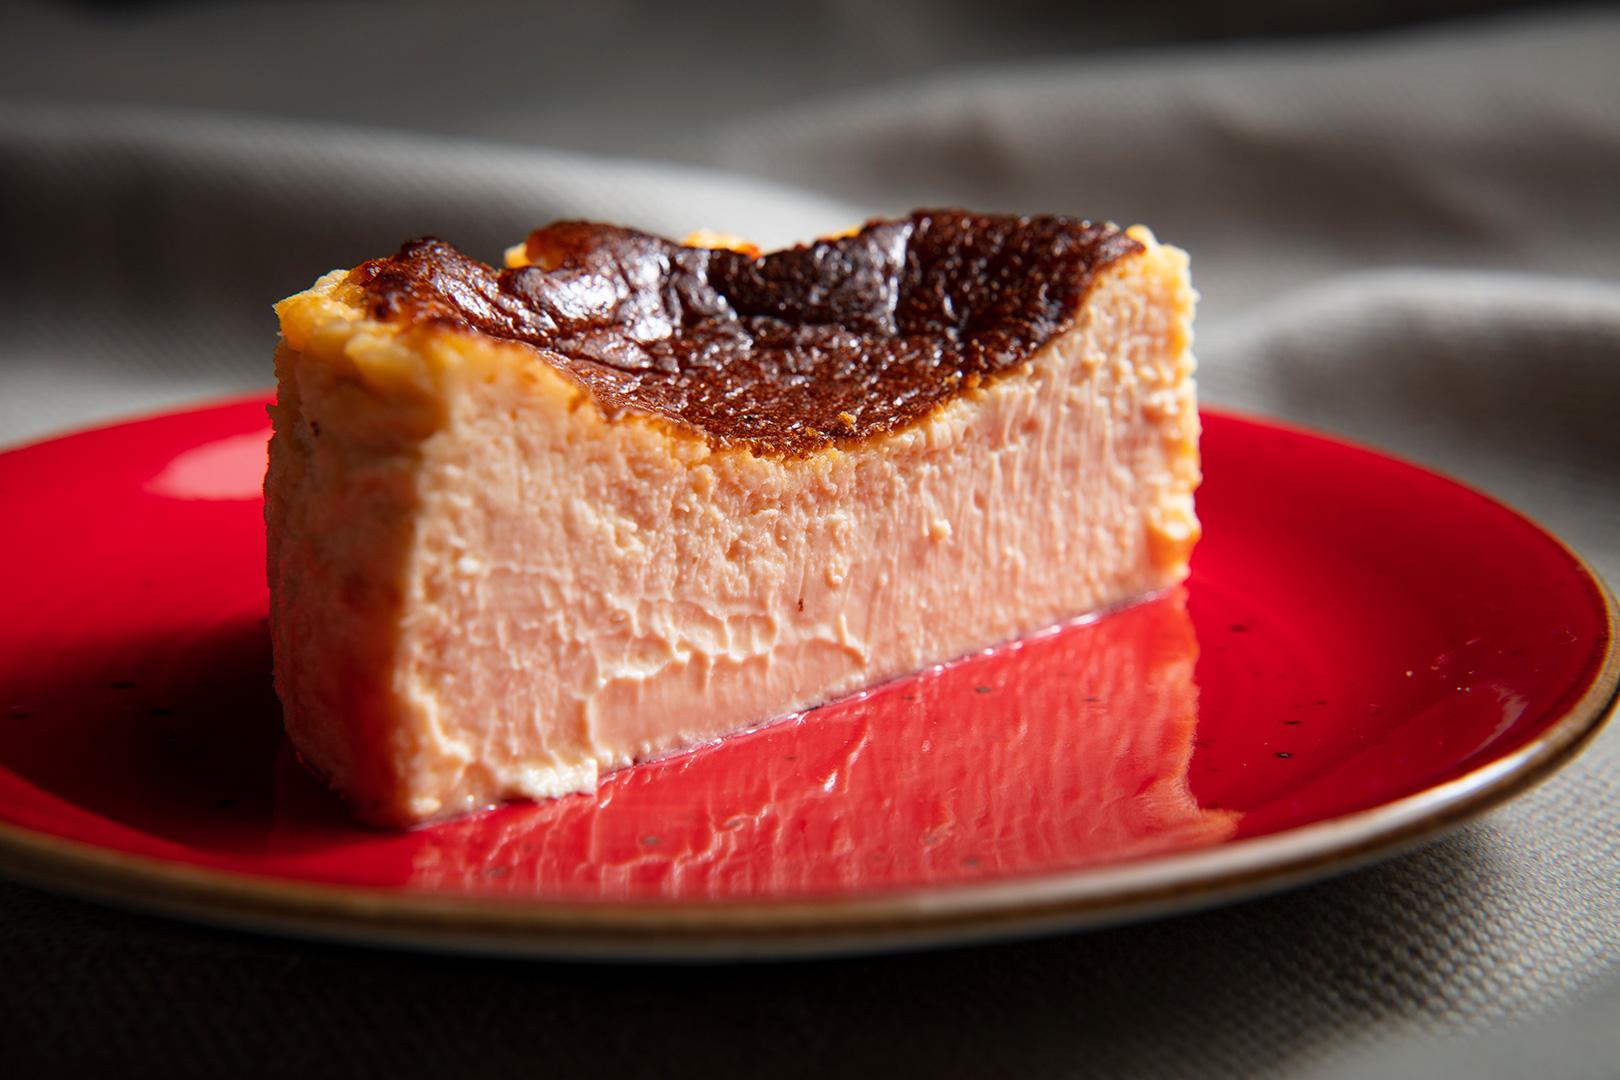 「No.1 CHEESECAKE」にスペシャルパッケージが限定登場♡ 絶品チーズケーキのおいしさに魅せられて_2